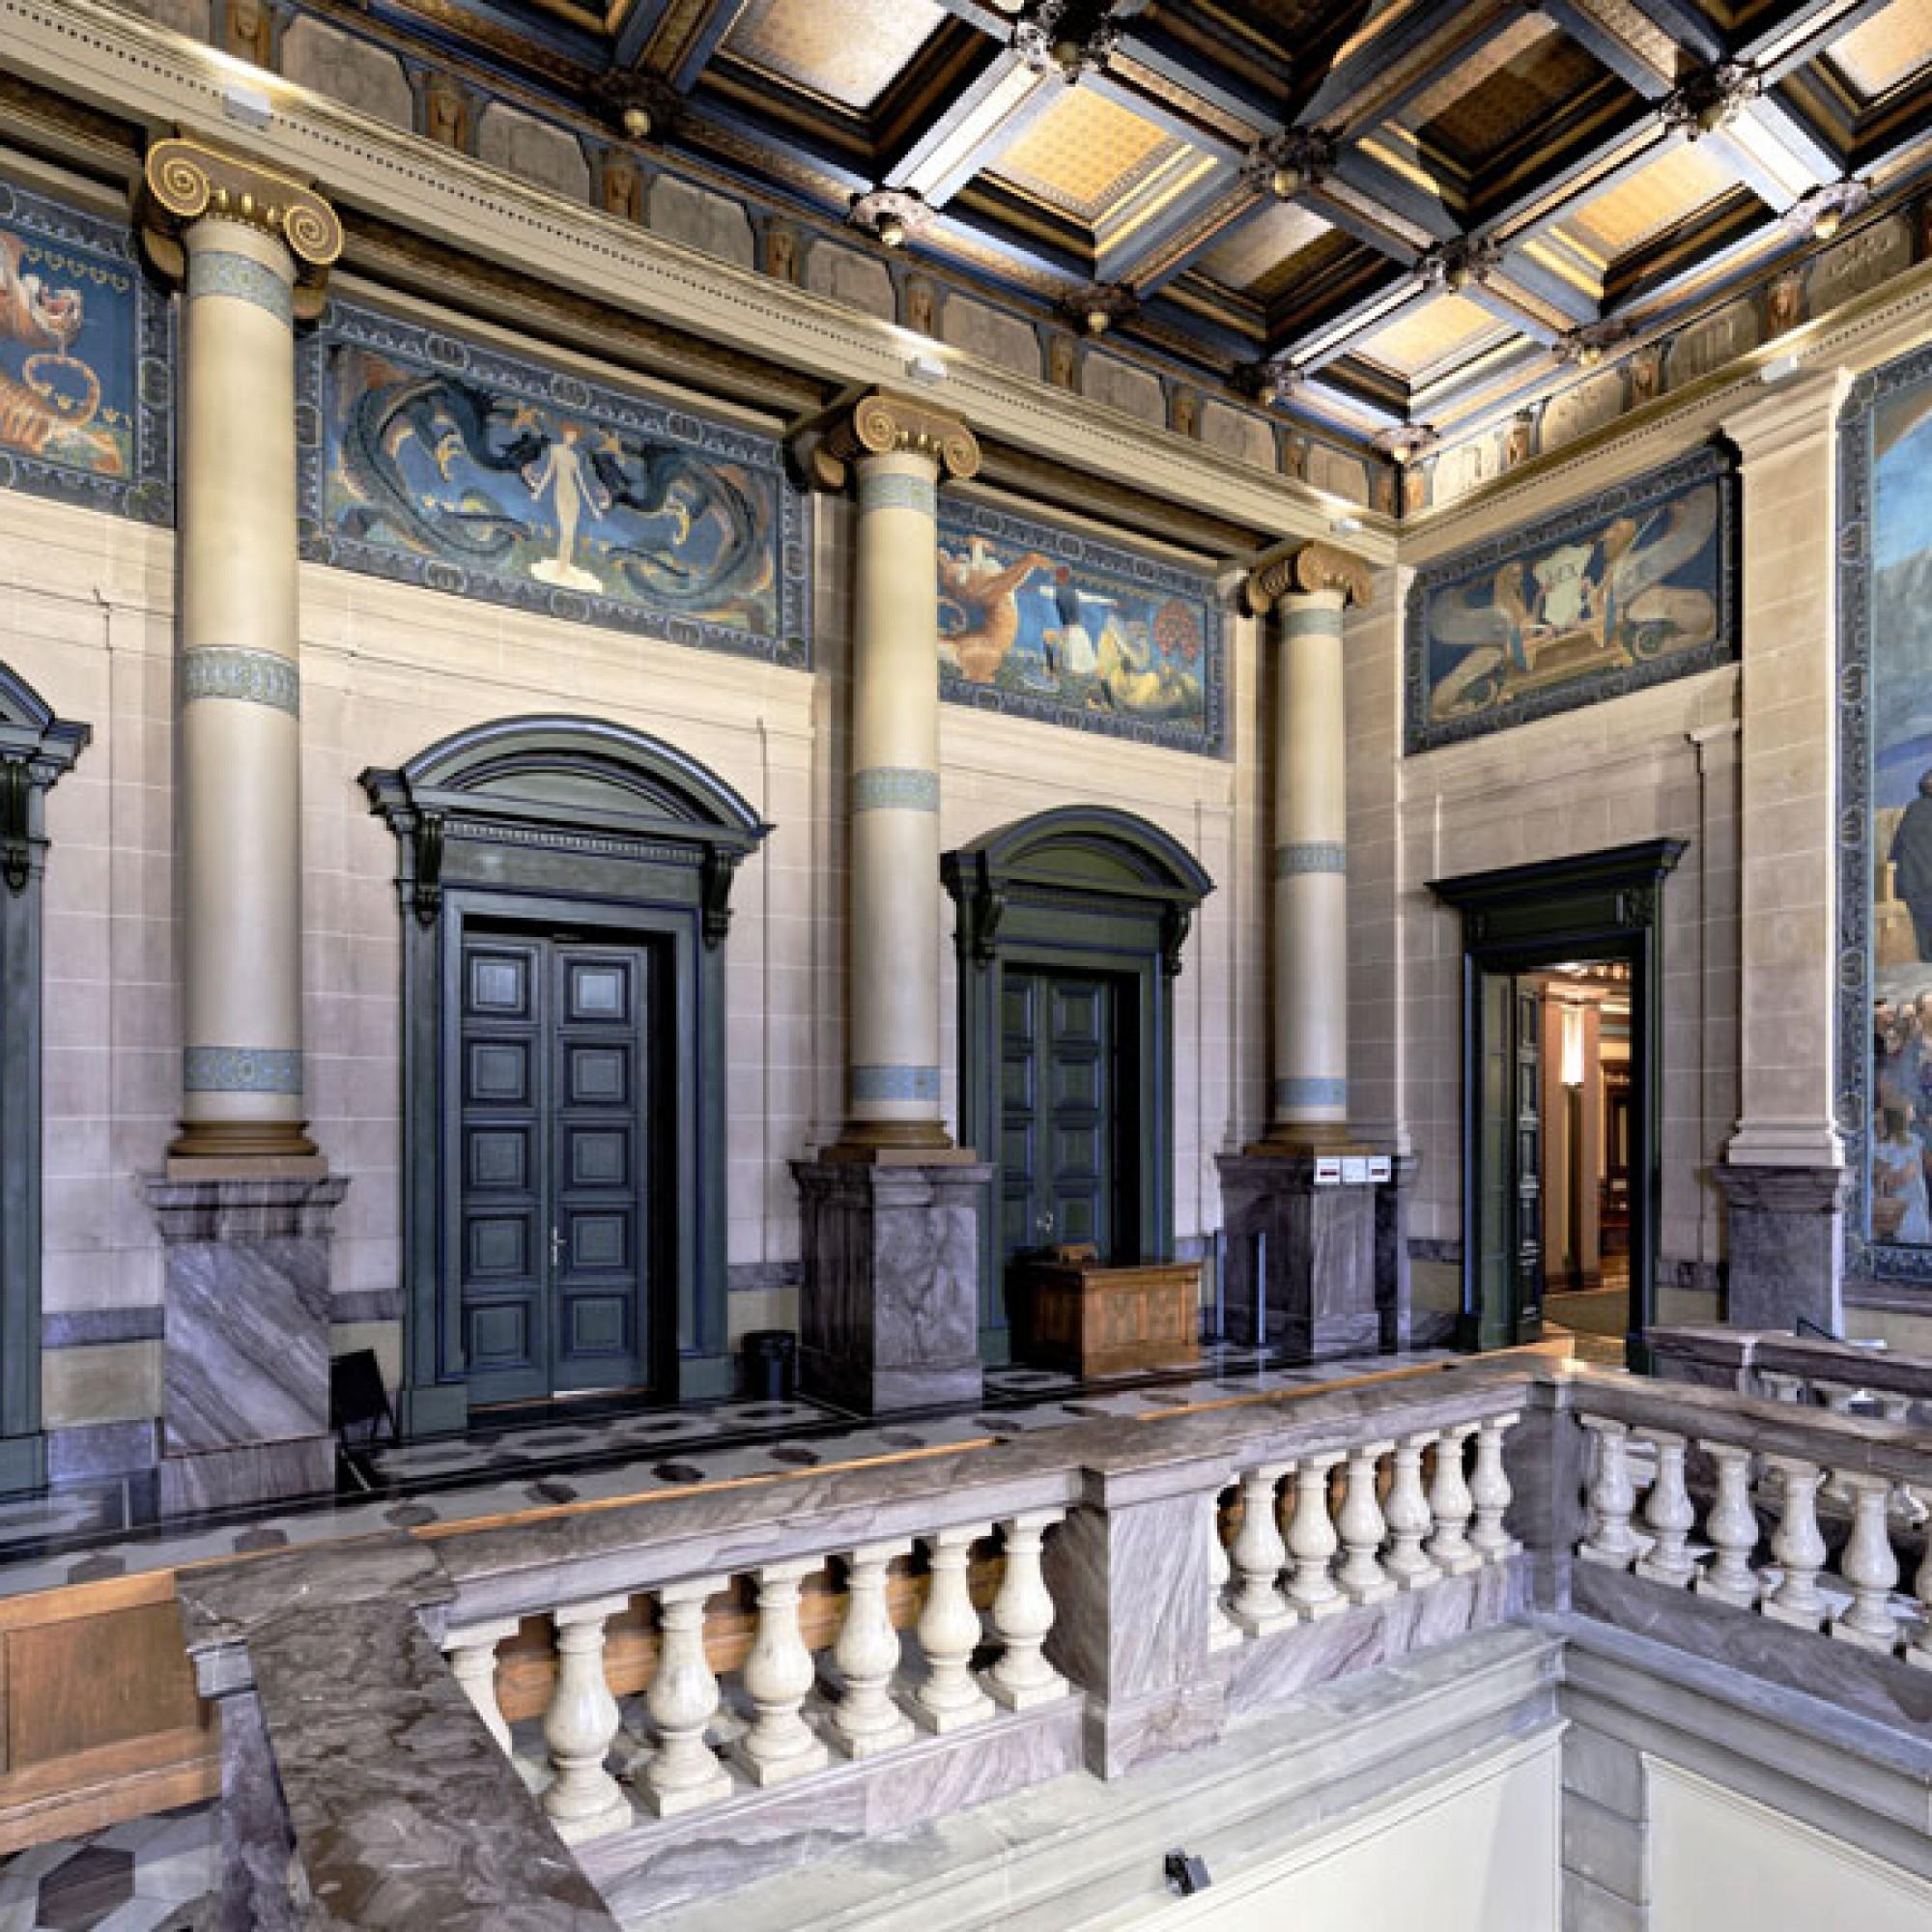 Le palais de justice de Montbenon, Lausanne. (Bild: © Ceux d'en face, Genève)